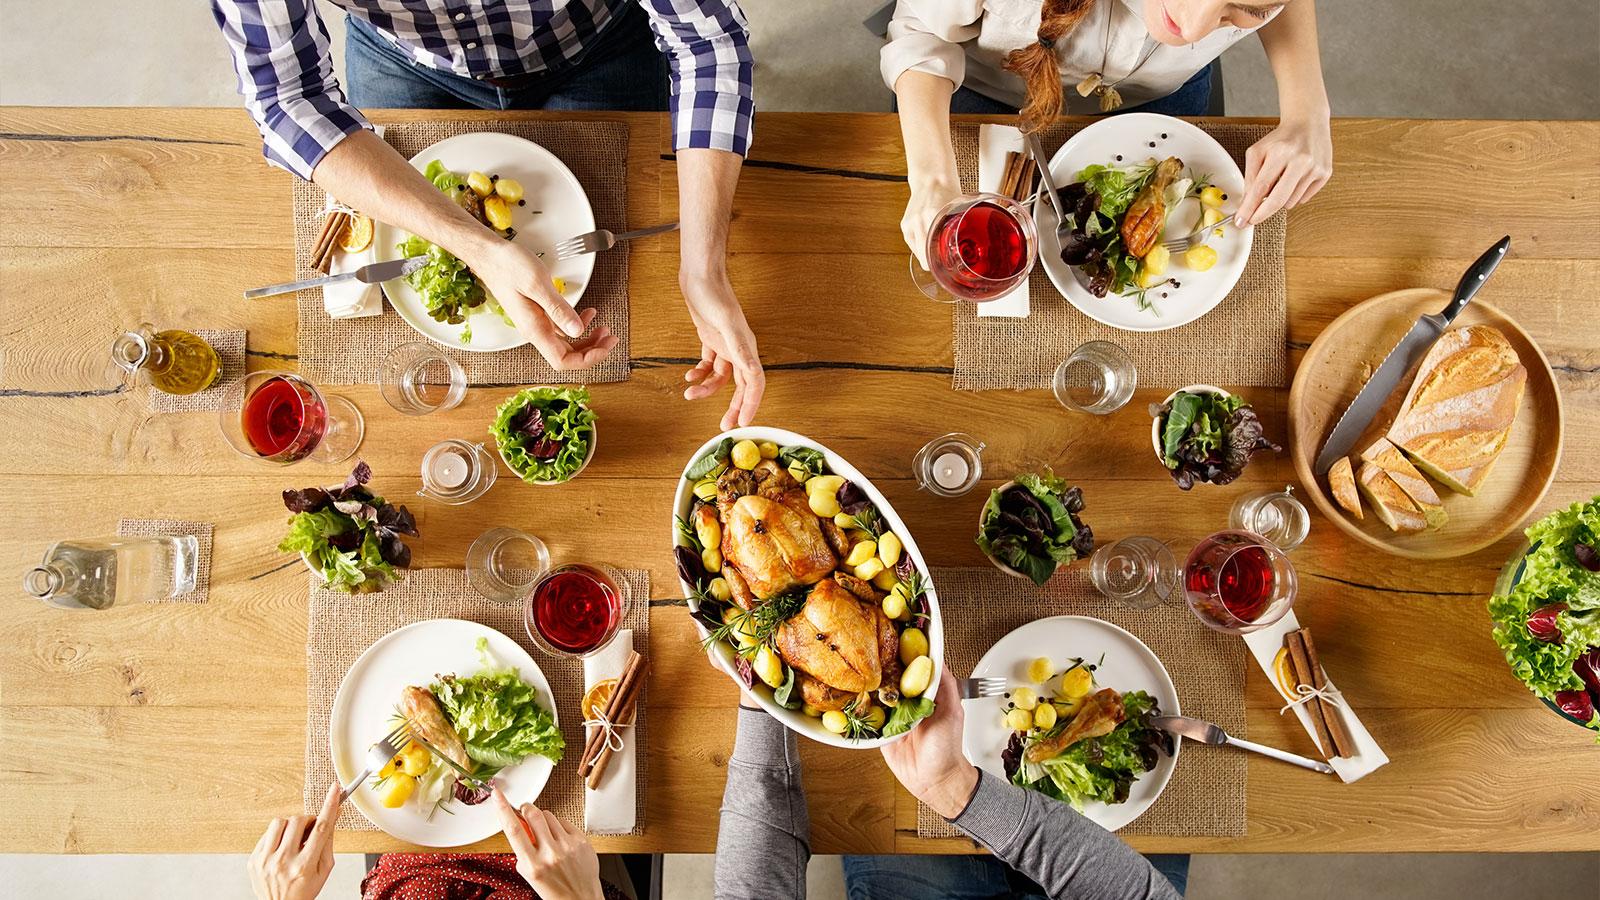 【肌ケア連載】専門家に聞く。乾燥肌と食事の関係、食生活を改善して健康美を目指そう【第七回】